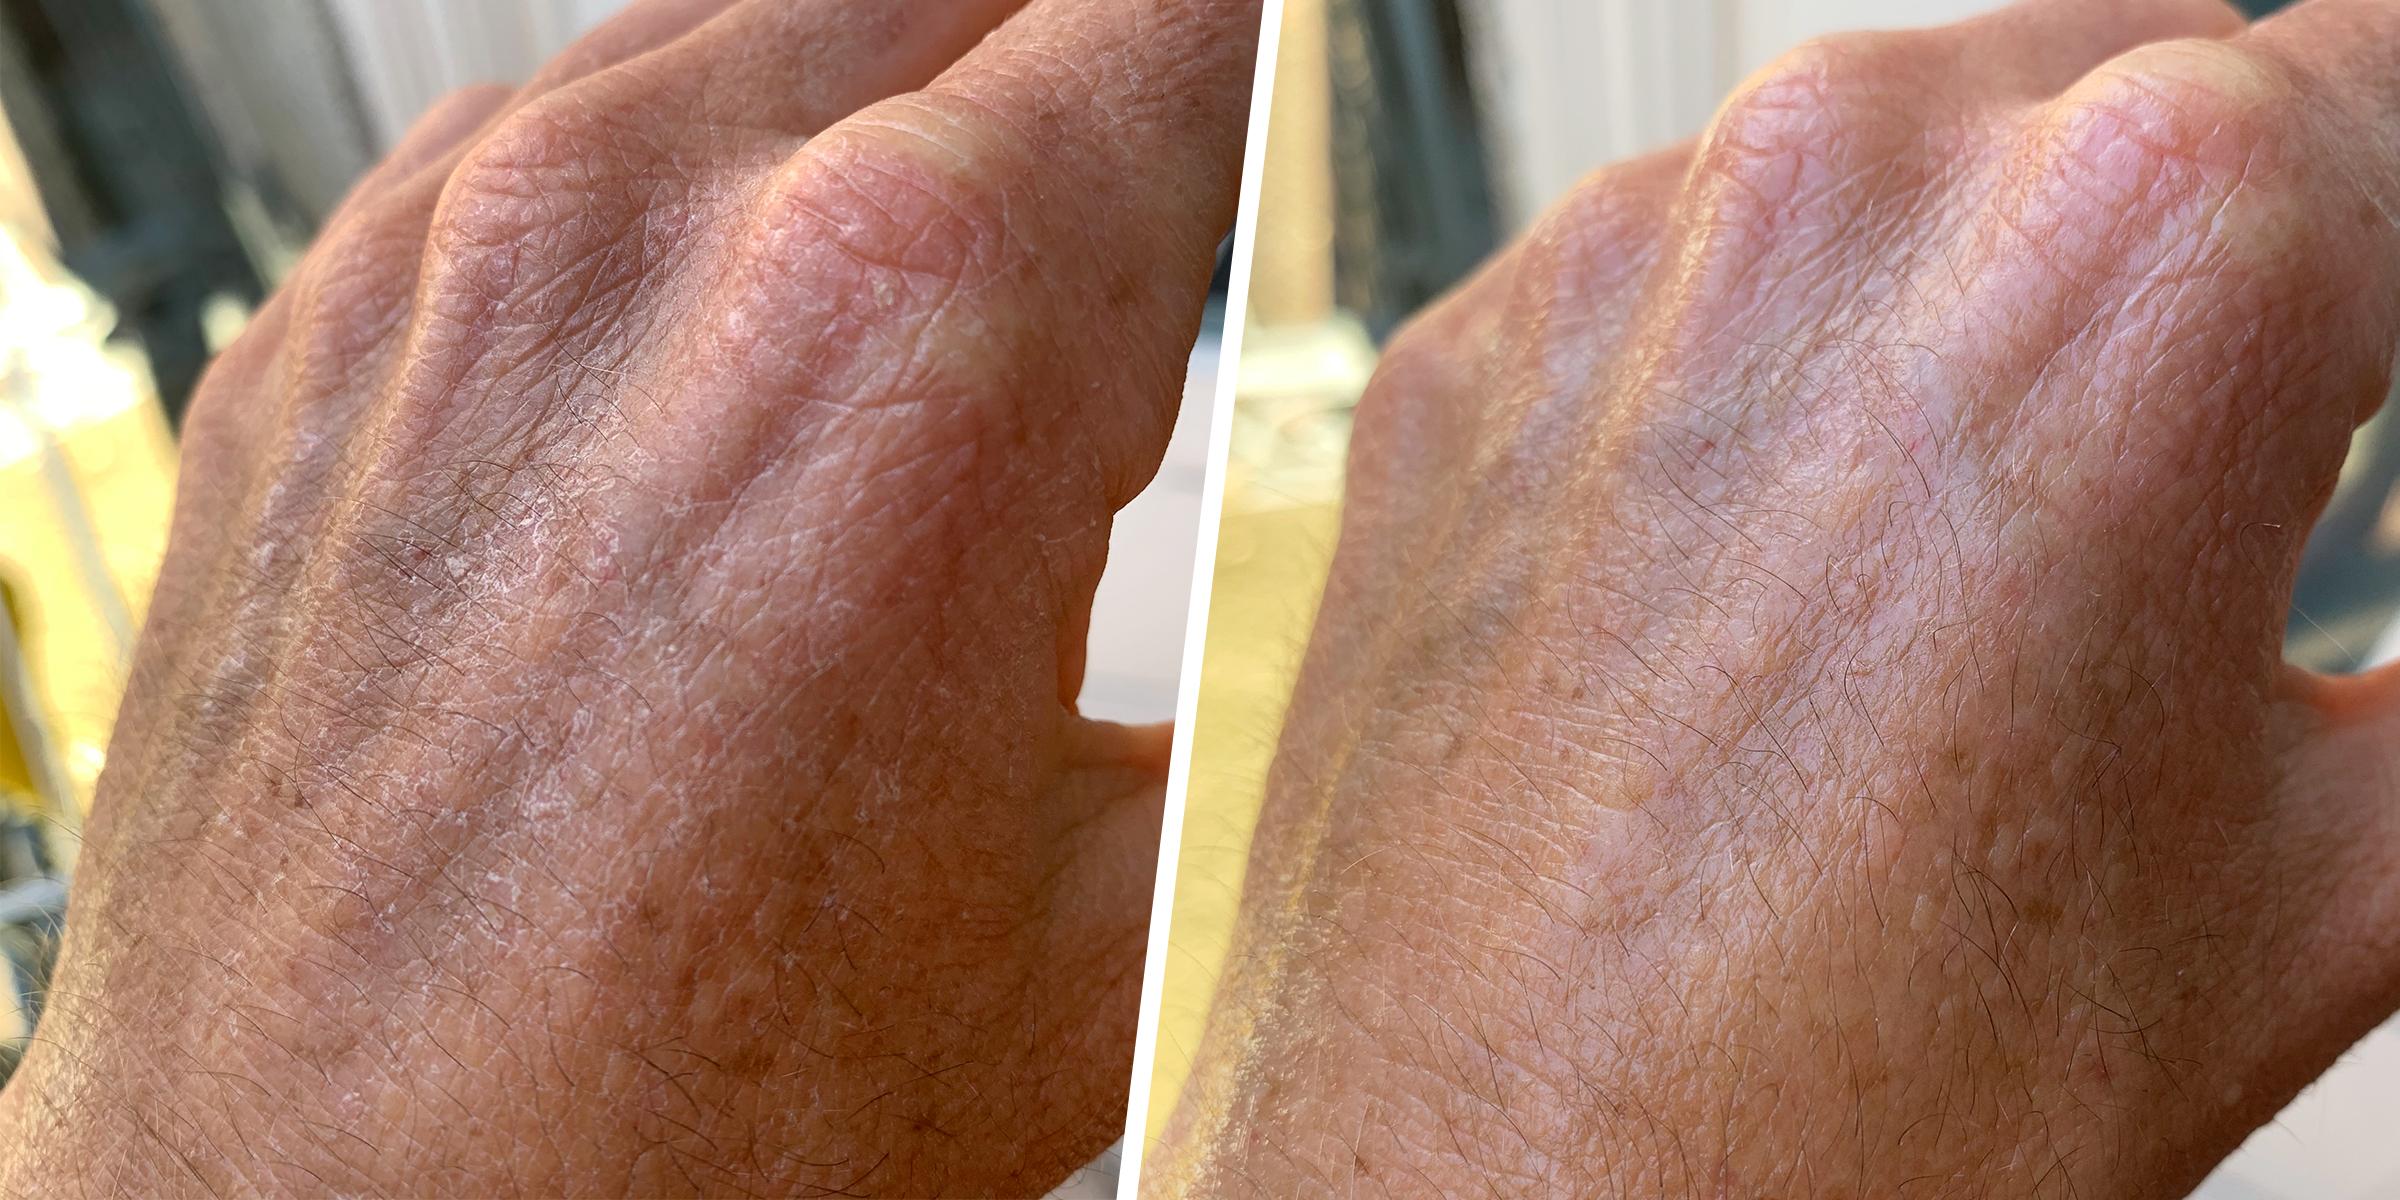 Oil reviews bio images.drownedinsound.com: Customer